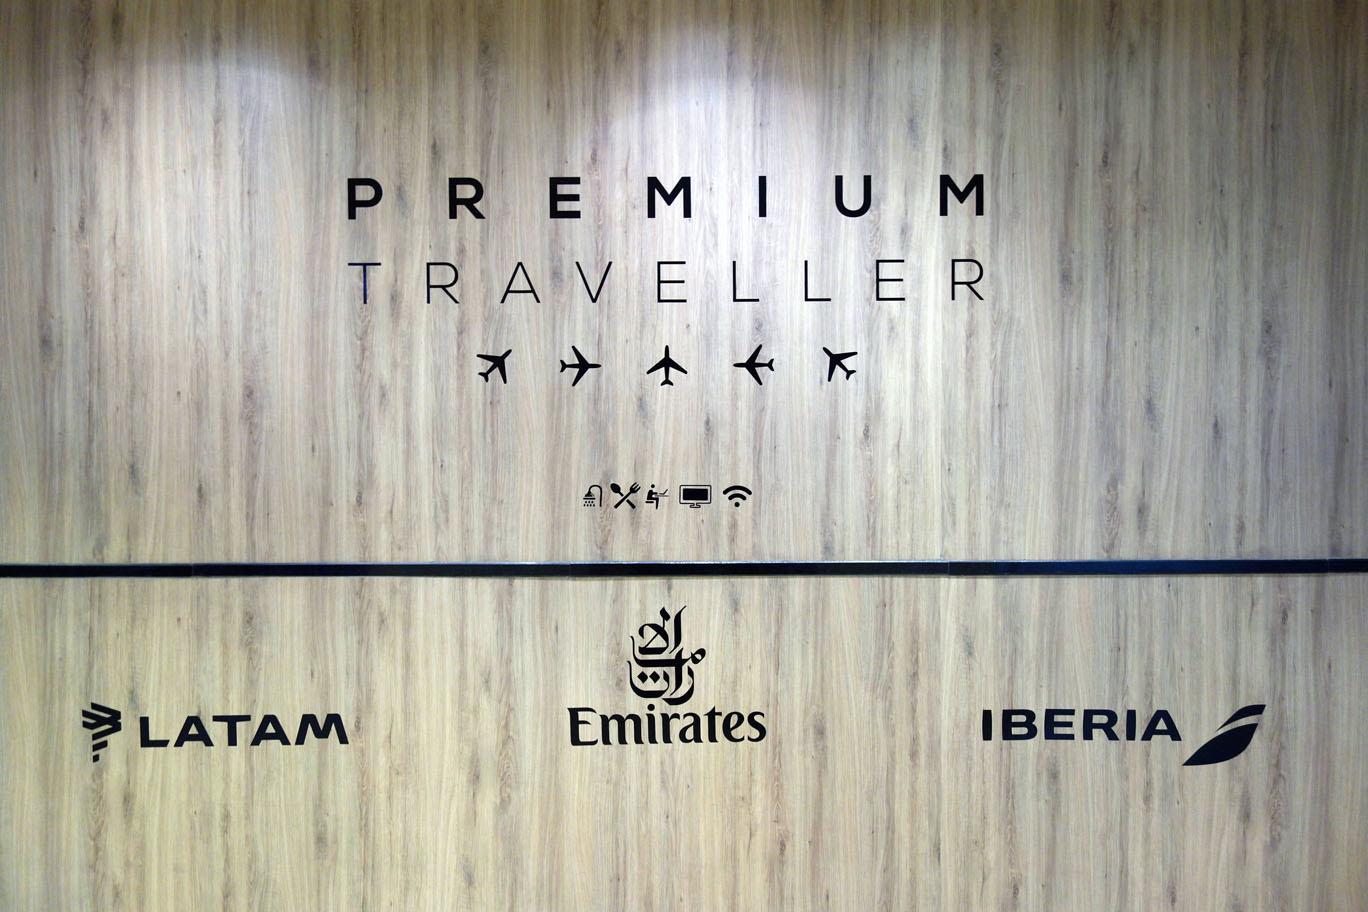 Обзор: Premium Traveller Lounge, Мехико